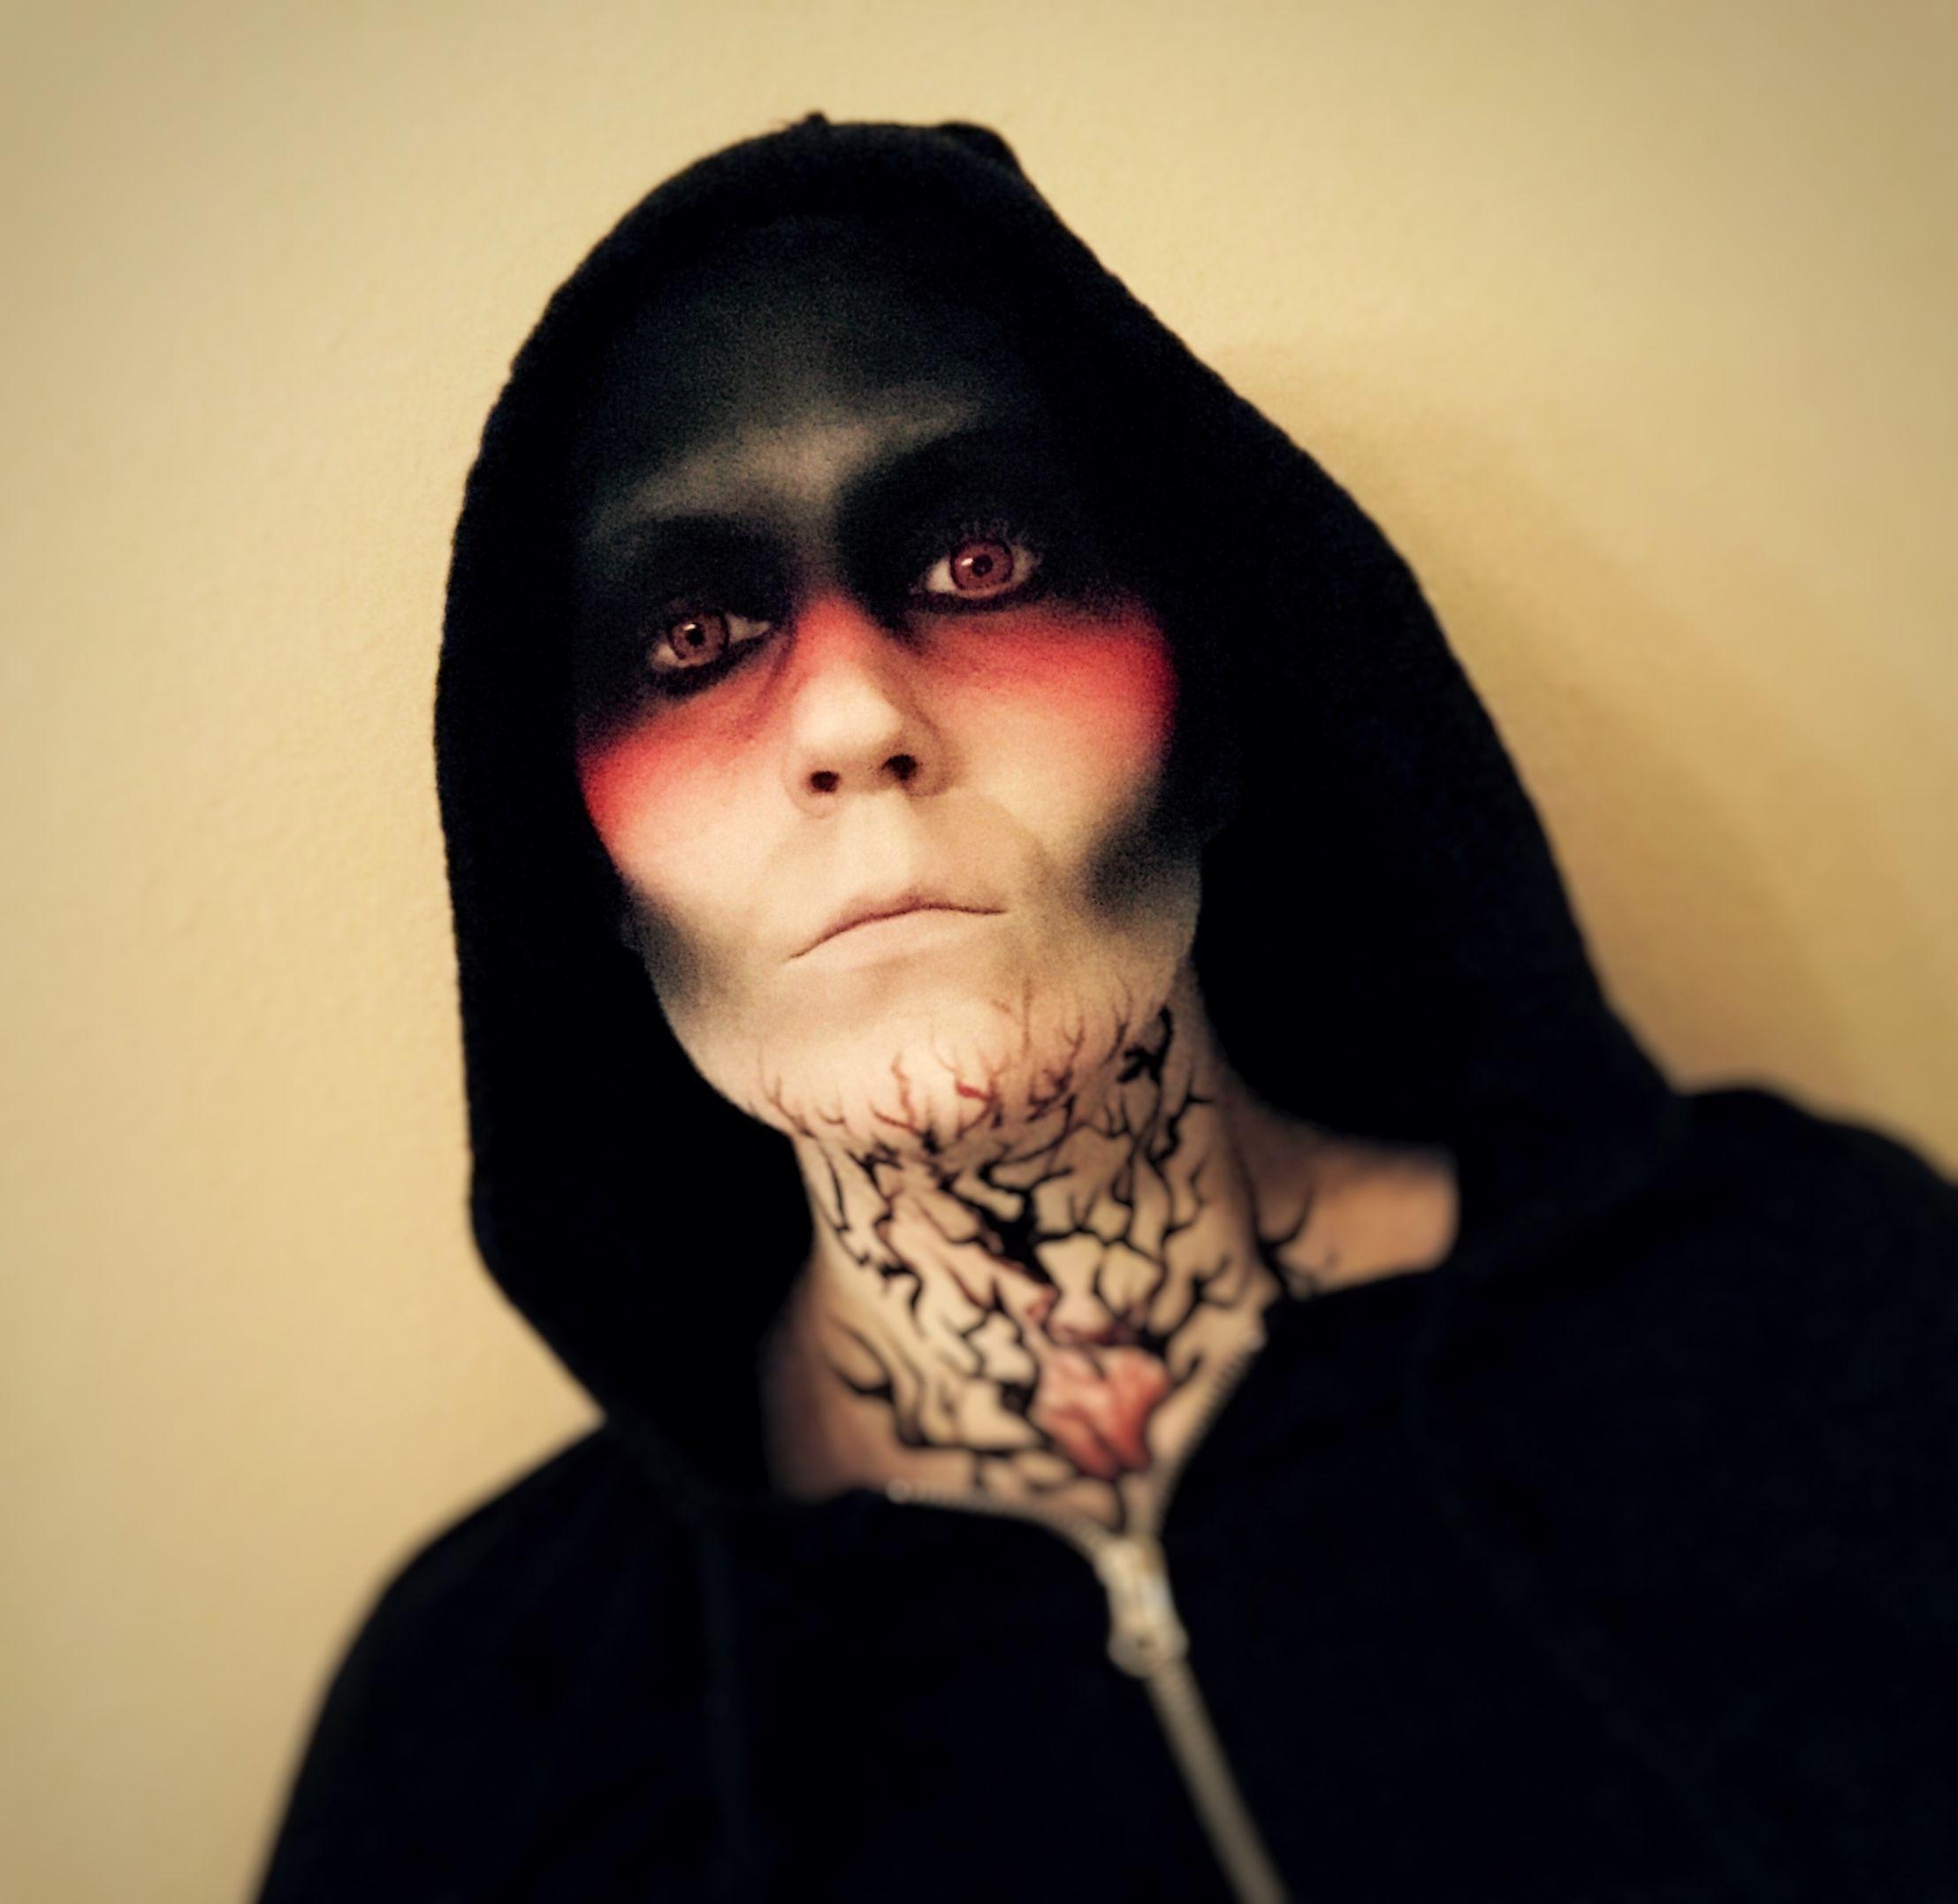 d e m o n smpmua demon halloween makeup facepaint diy d e m o n smpmua demon halloween makeup facepaint diy solutioingenieria Images